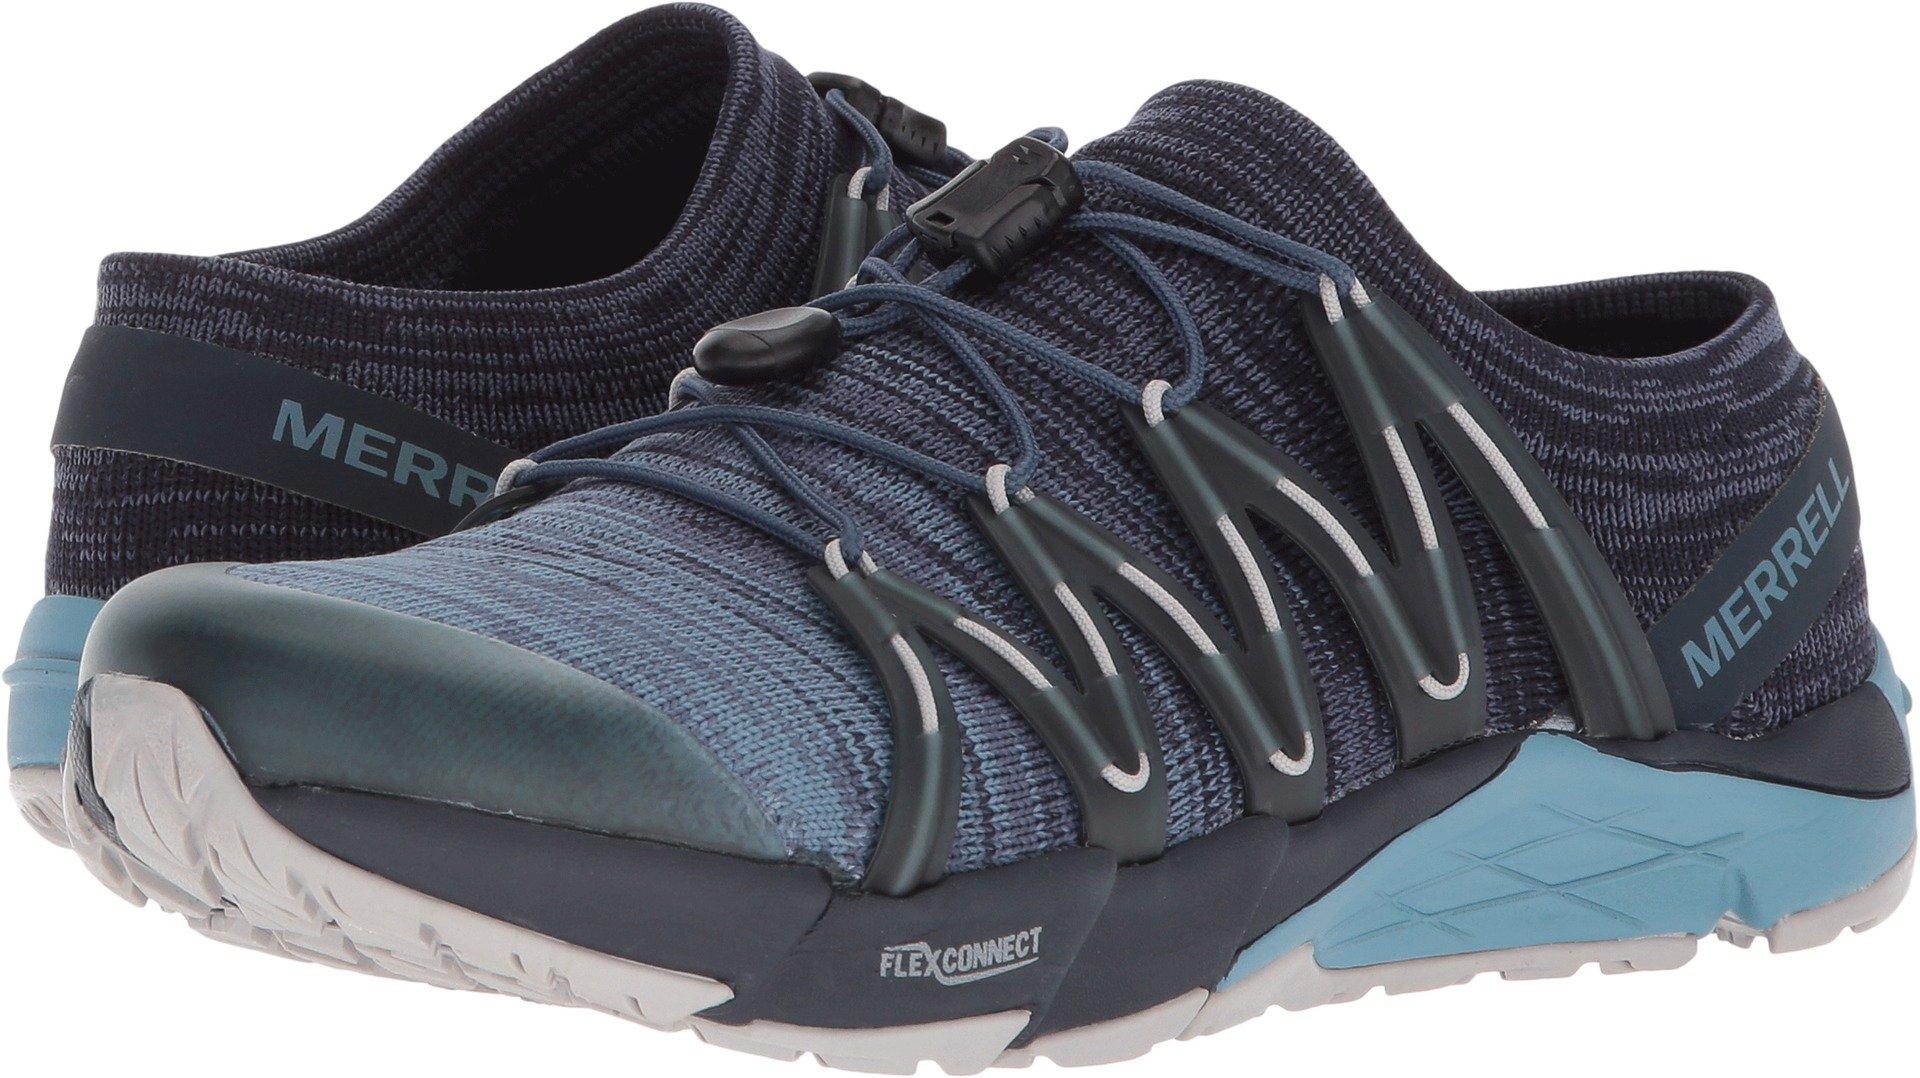 Merrell Bare Access Flex Knit Womens Trail Running Shoes 7.5 B(M) US Women Navy